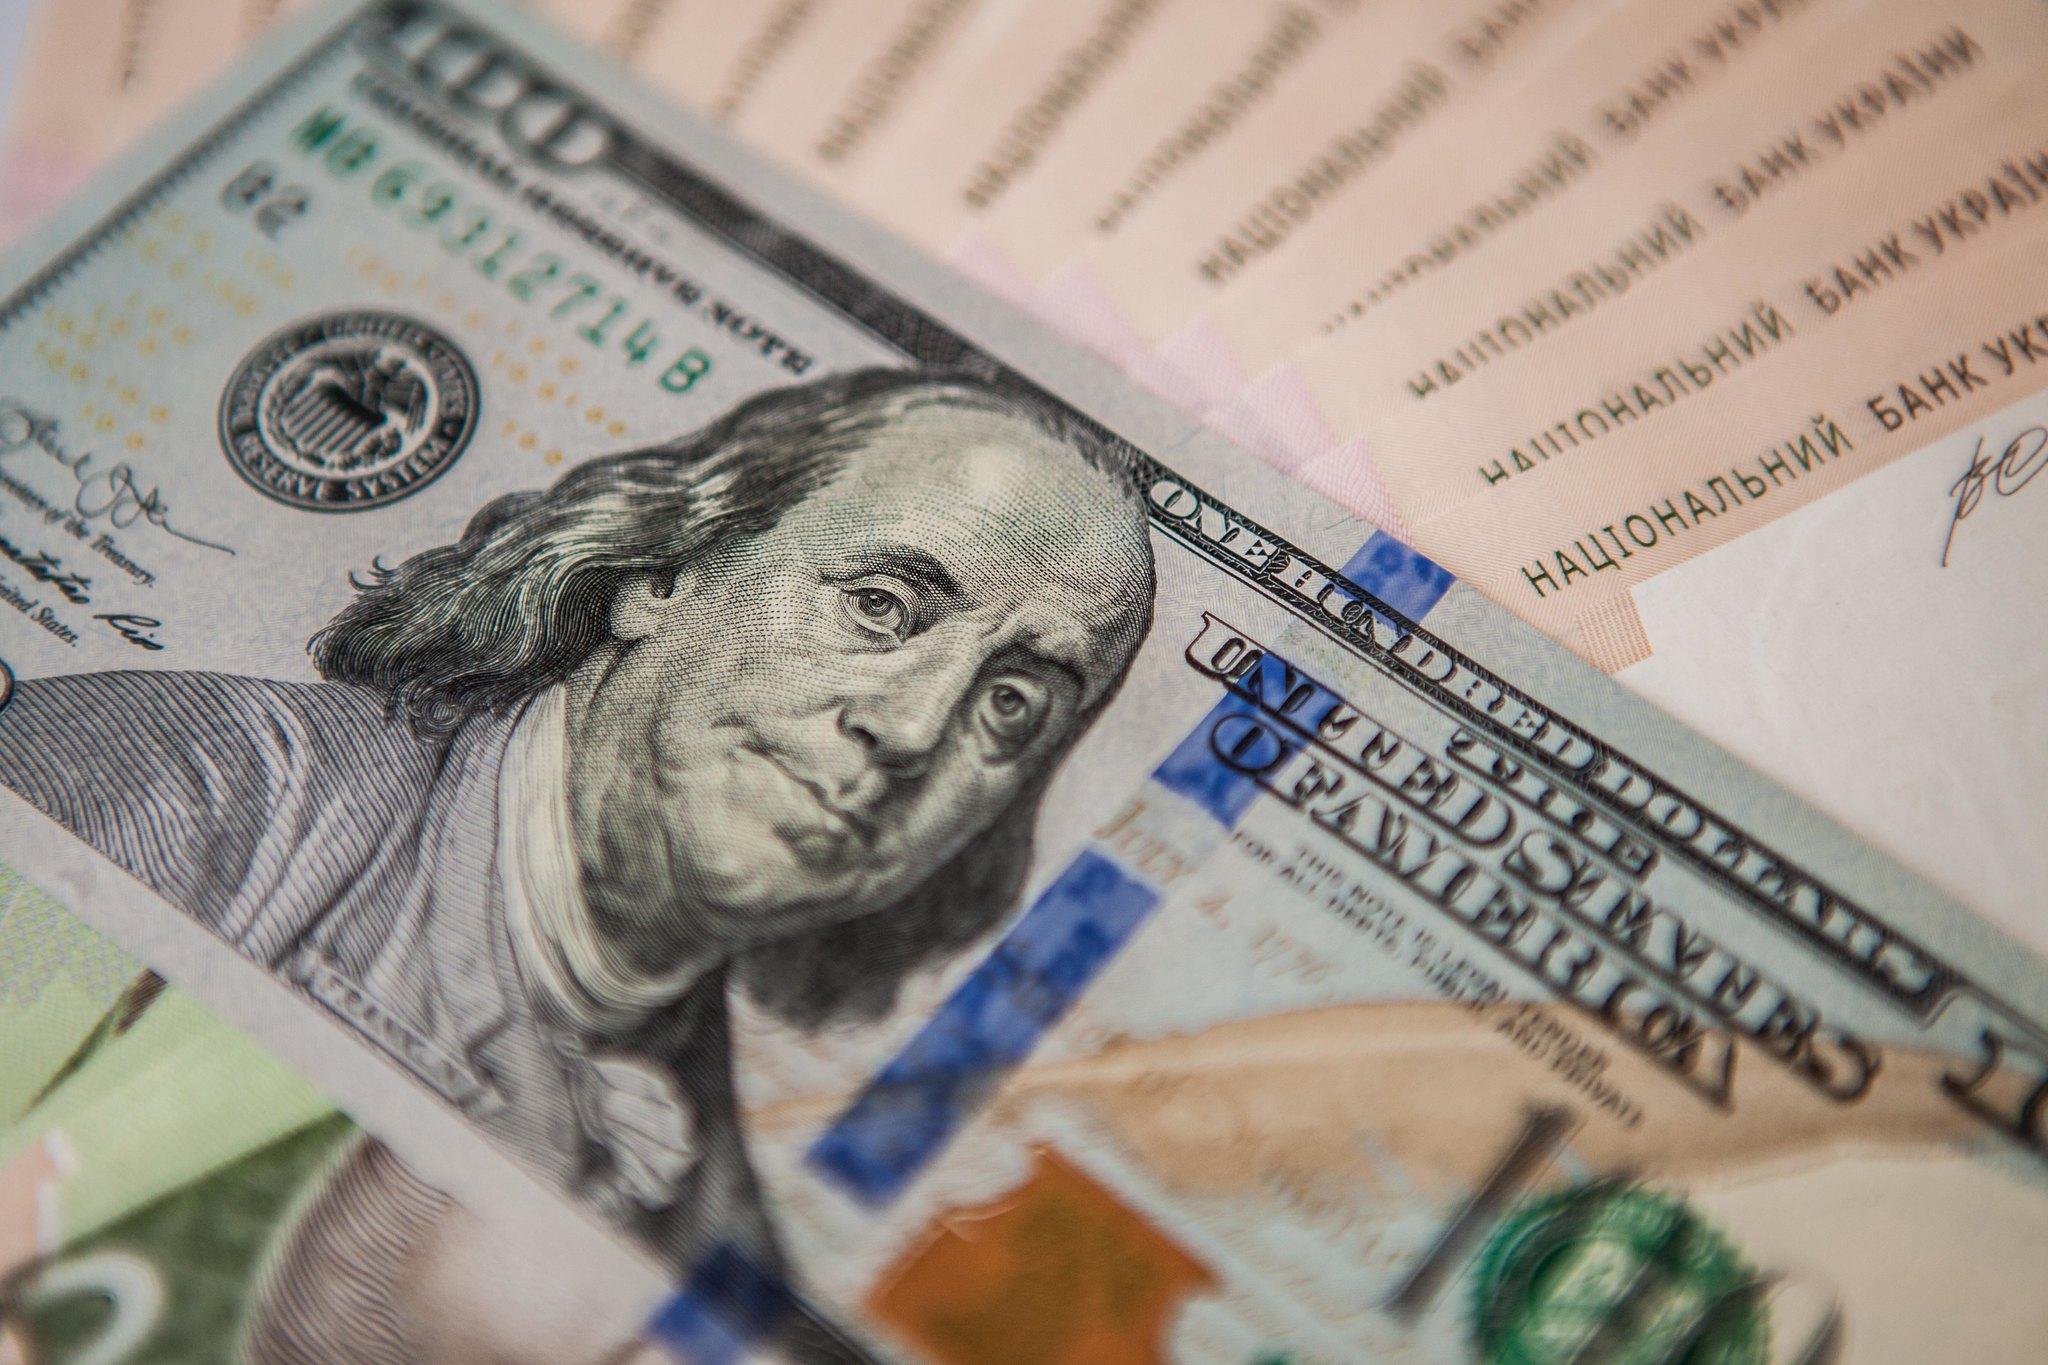 МВФ обновил прогноз по курсу гривни до 2024 года